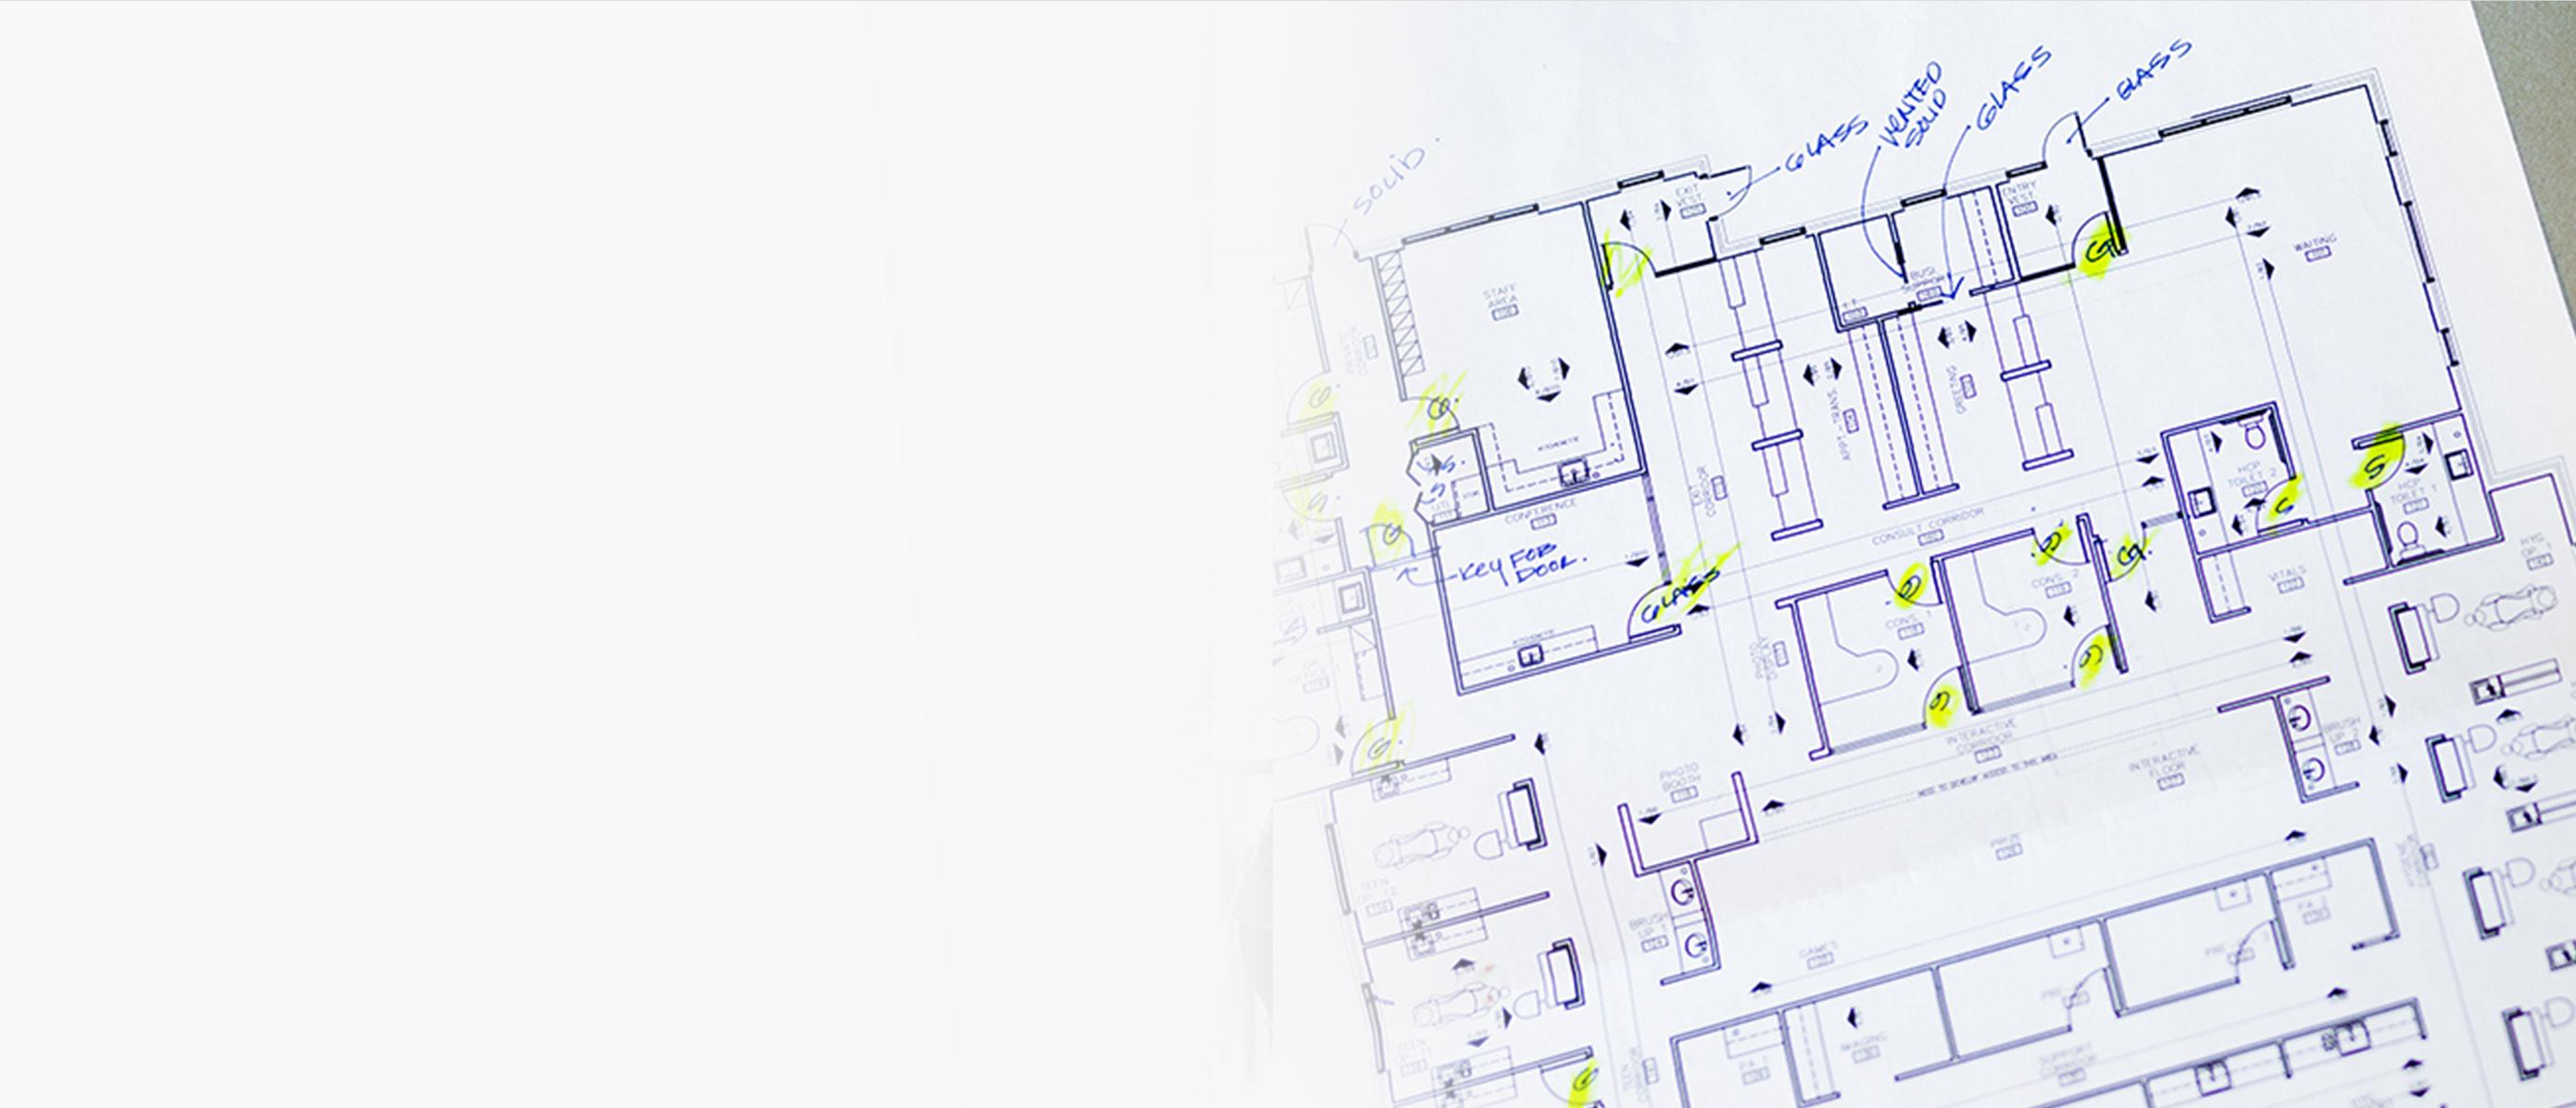 start-planning-carosel-two